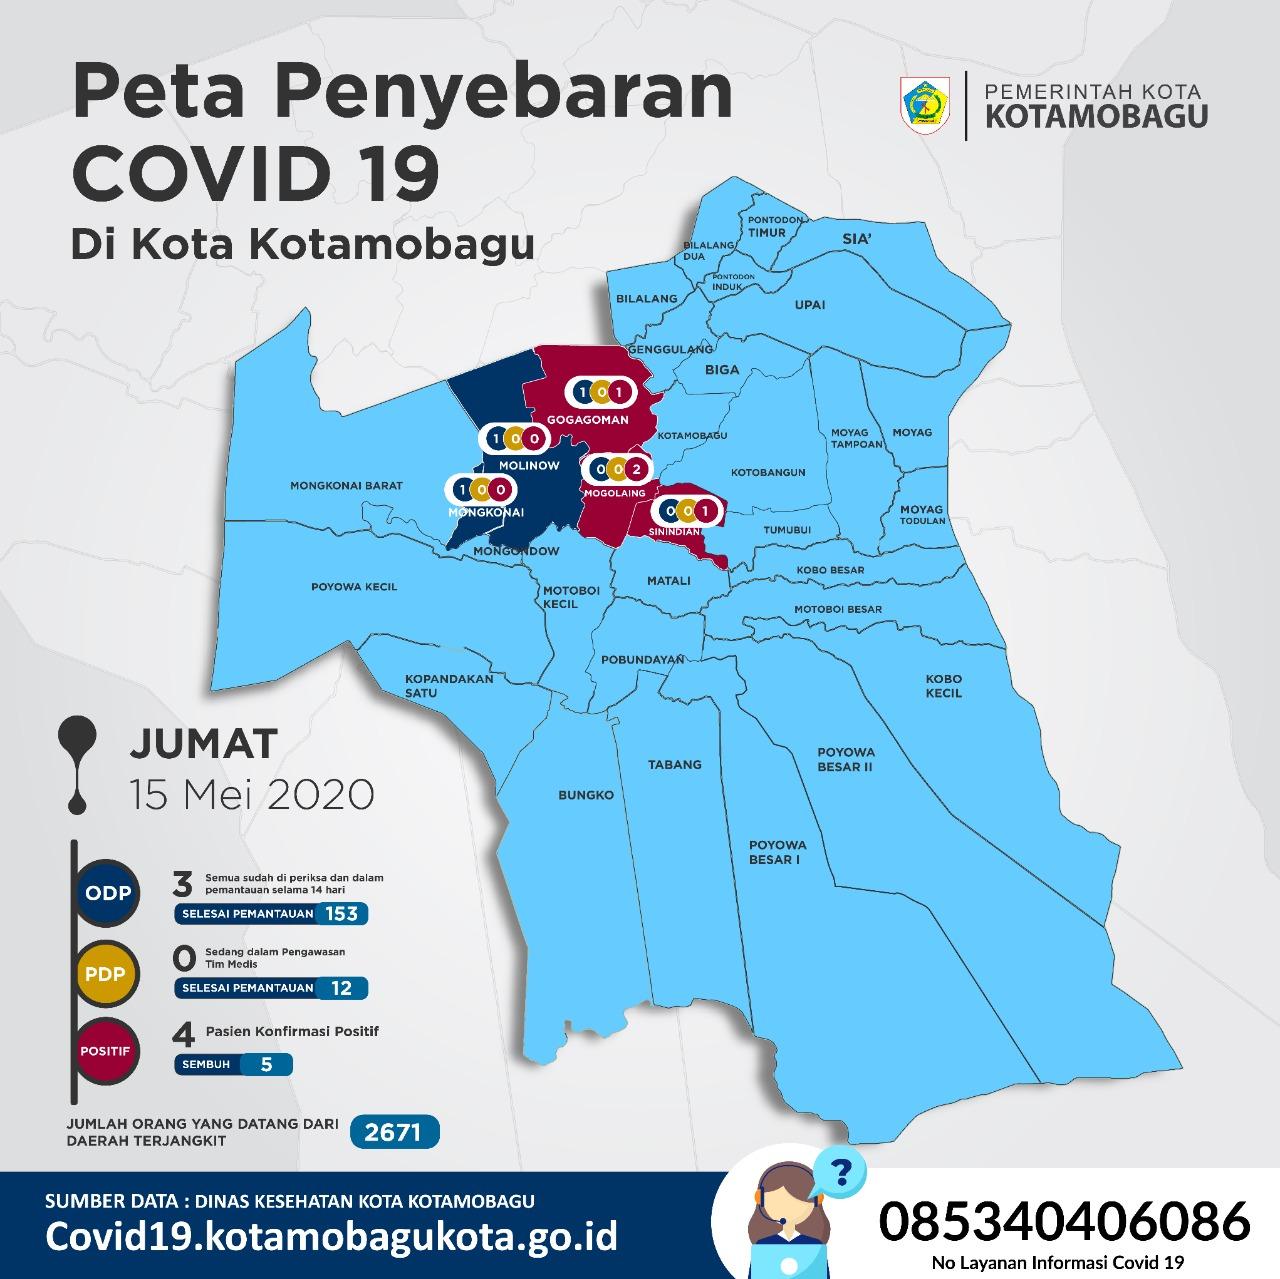 Update 15 Mei 2020, Penyebaran Covid 19 di Kota Kotamobagu